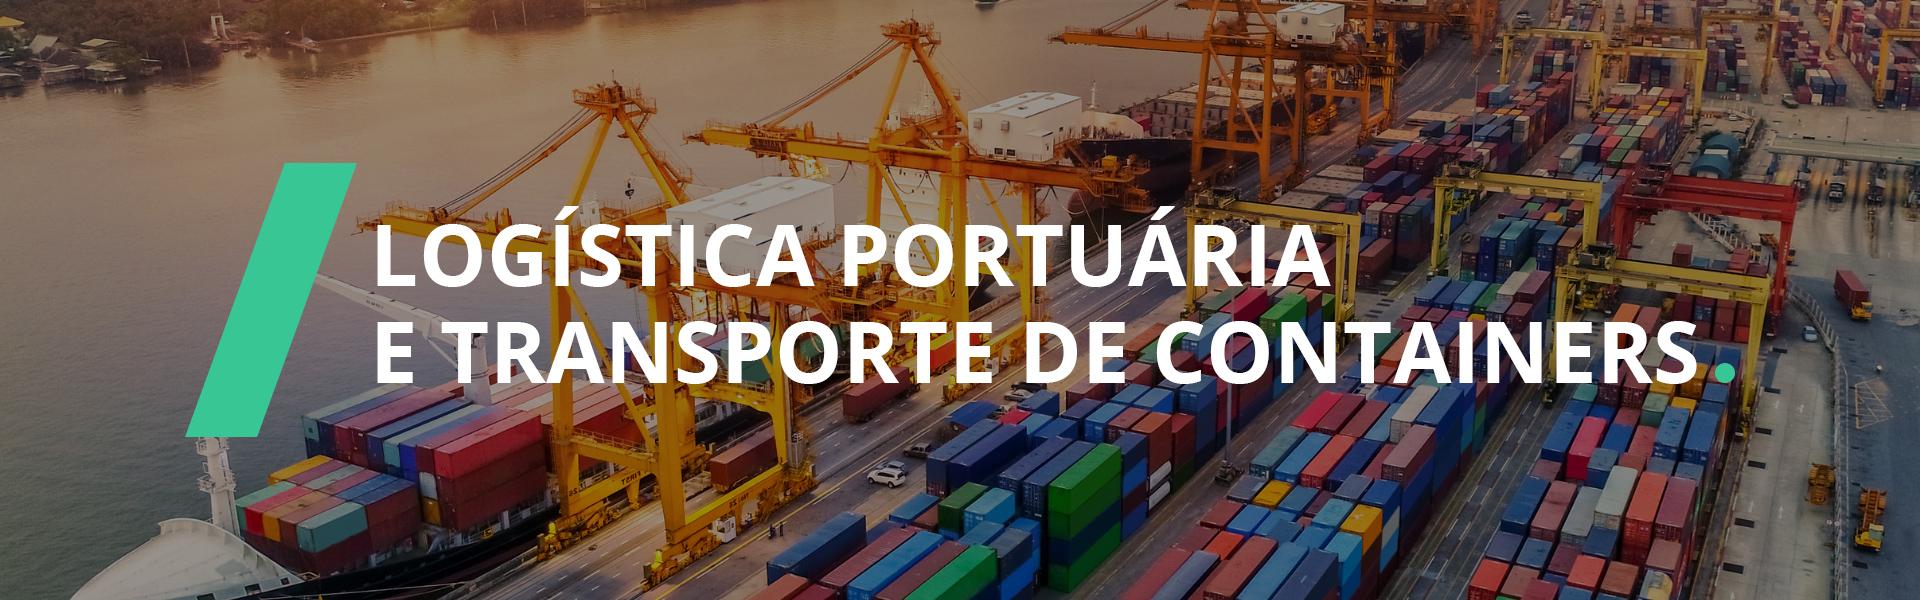 bg-portuaria